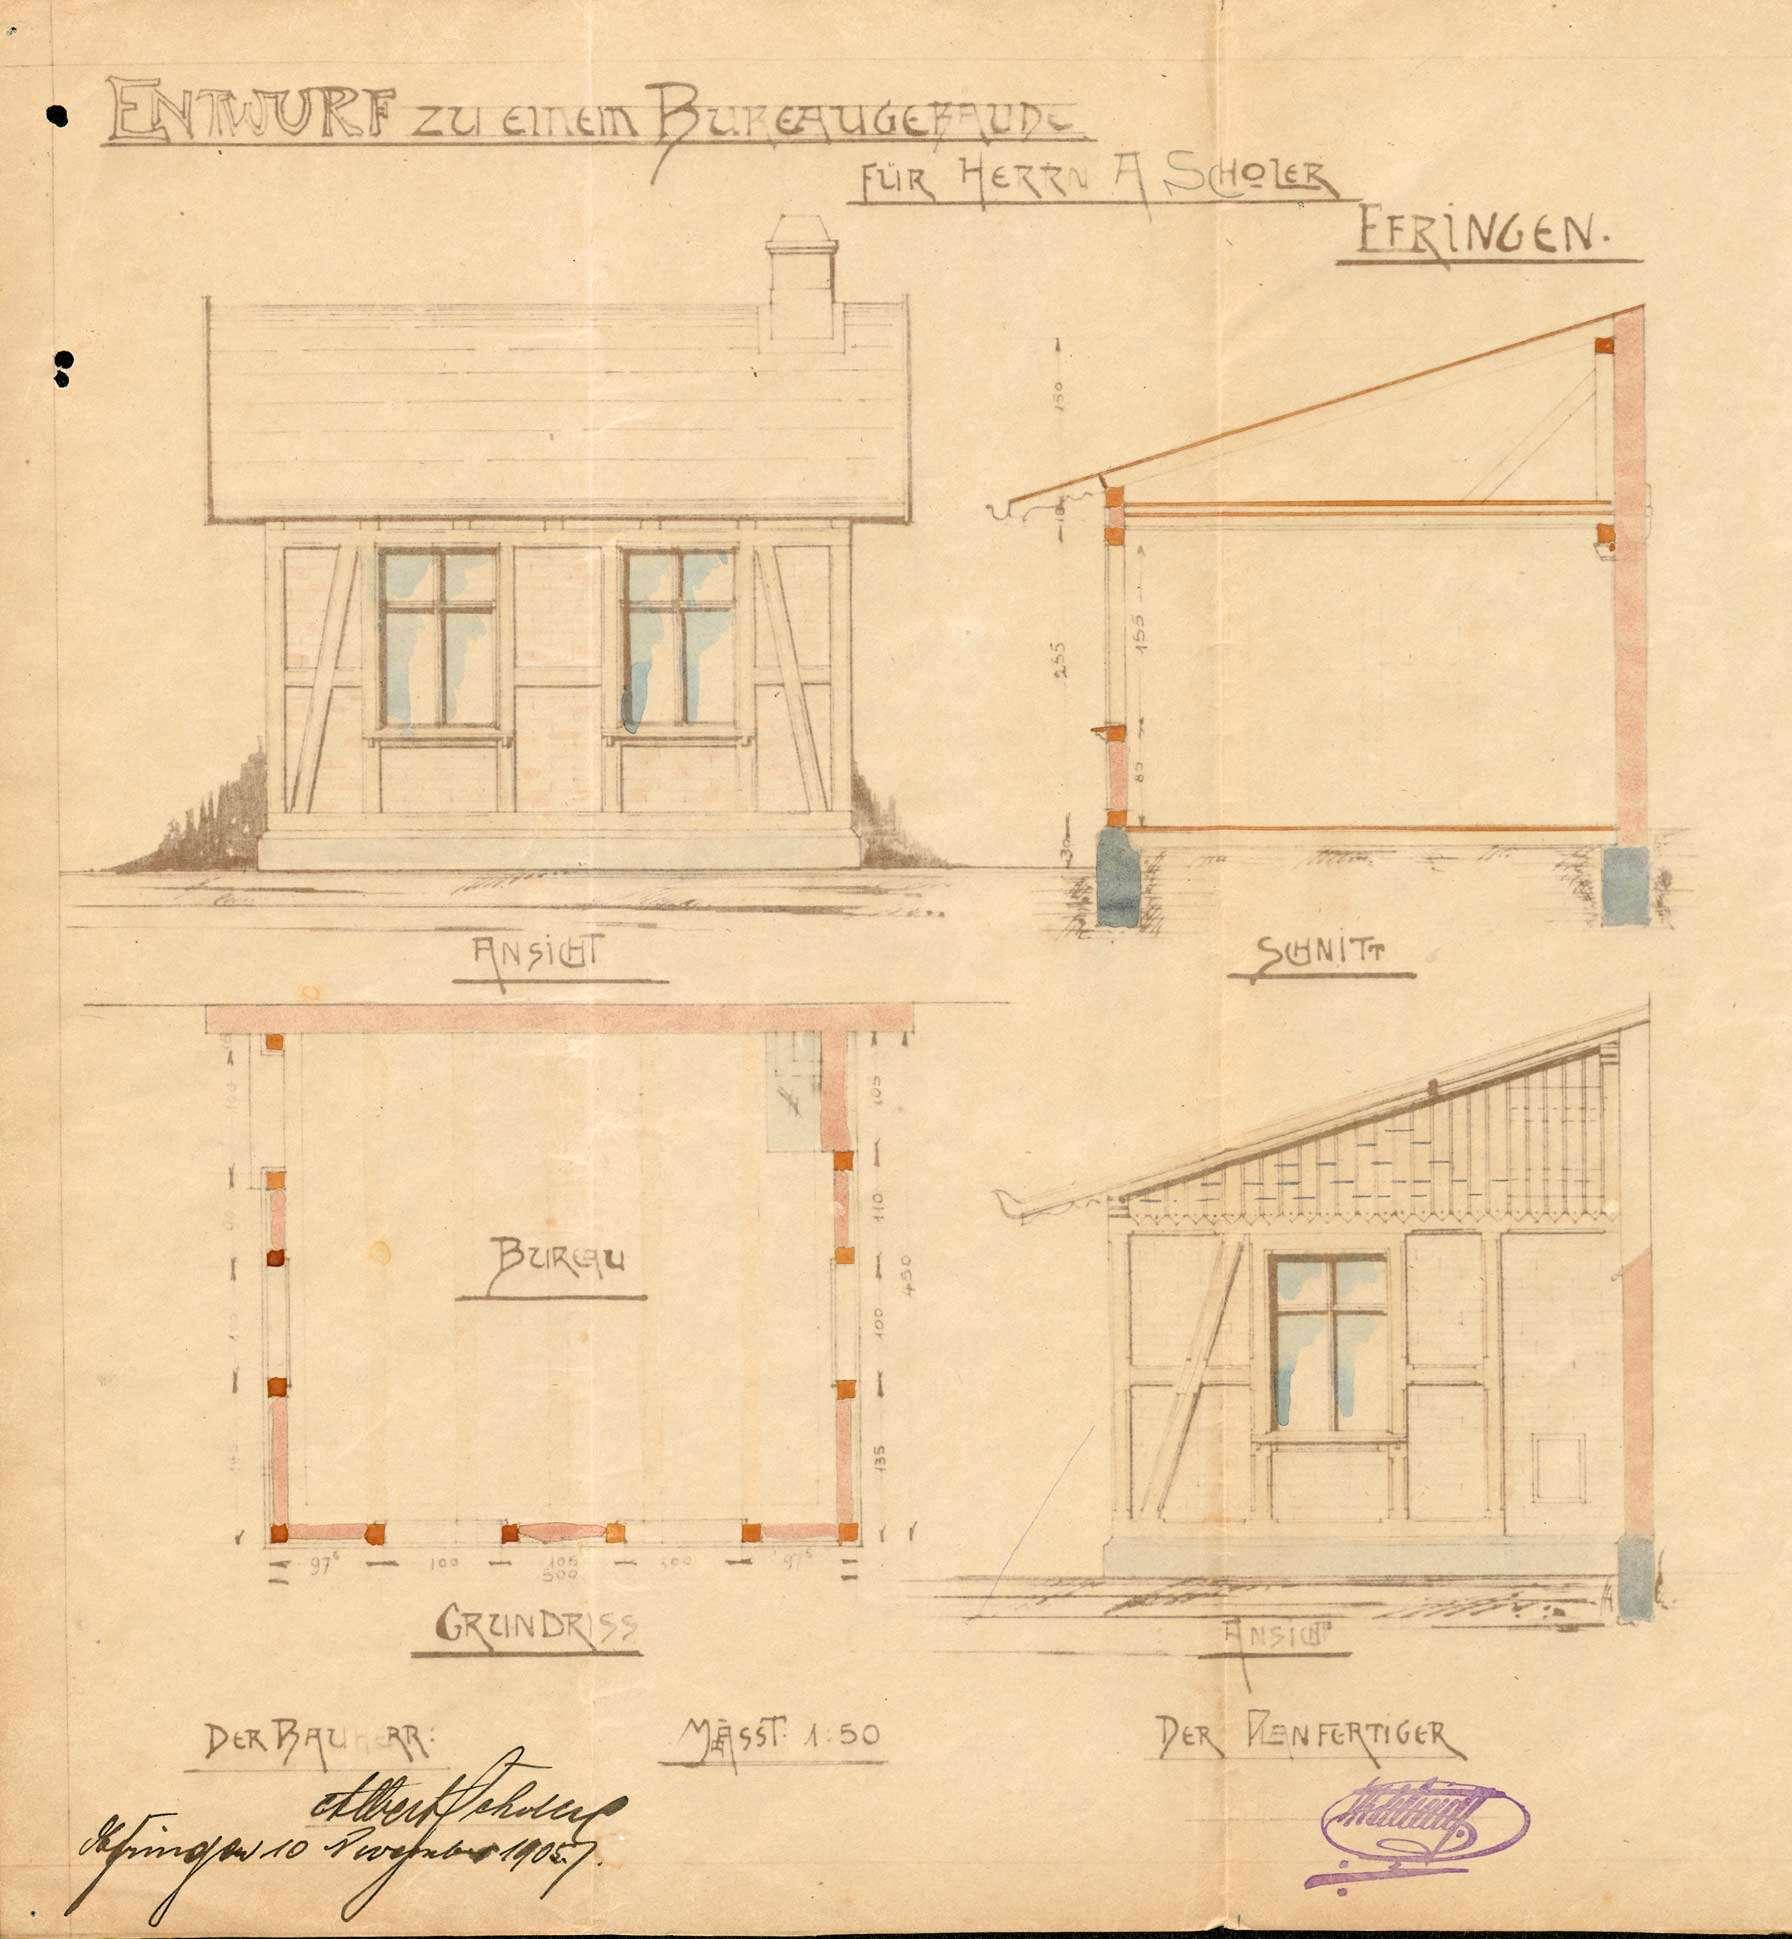 Antrag des Sägewerkbesitzers Albert Scholer auf Genehmigung zum Bau eines Bürogebäudes in Efringen, Bild 2